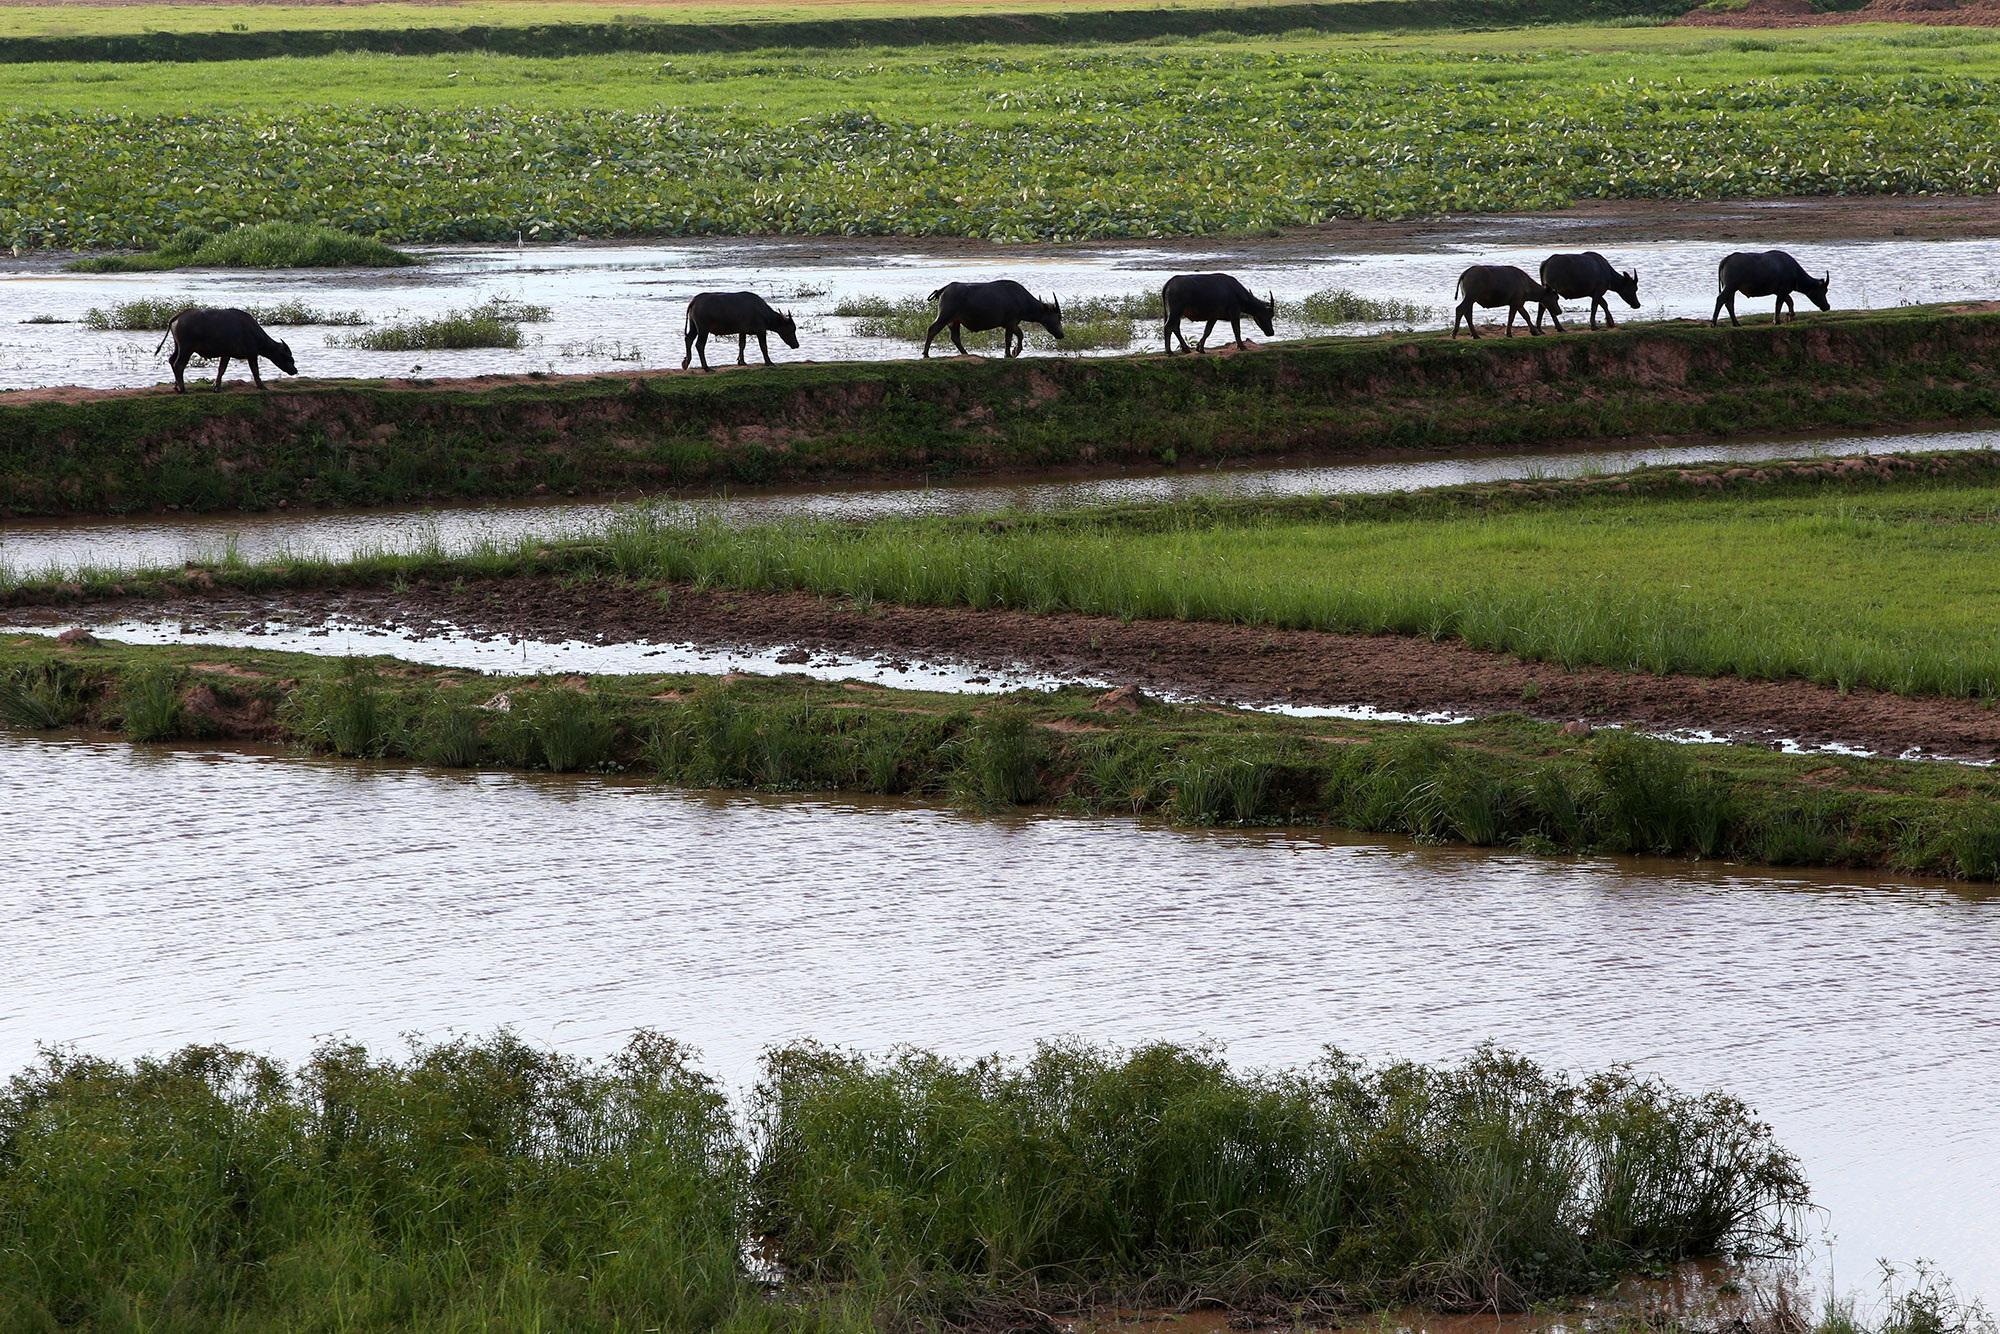 Phong cảnh bình yên nhìn từ những triền đê ở Hà Nội - 4